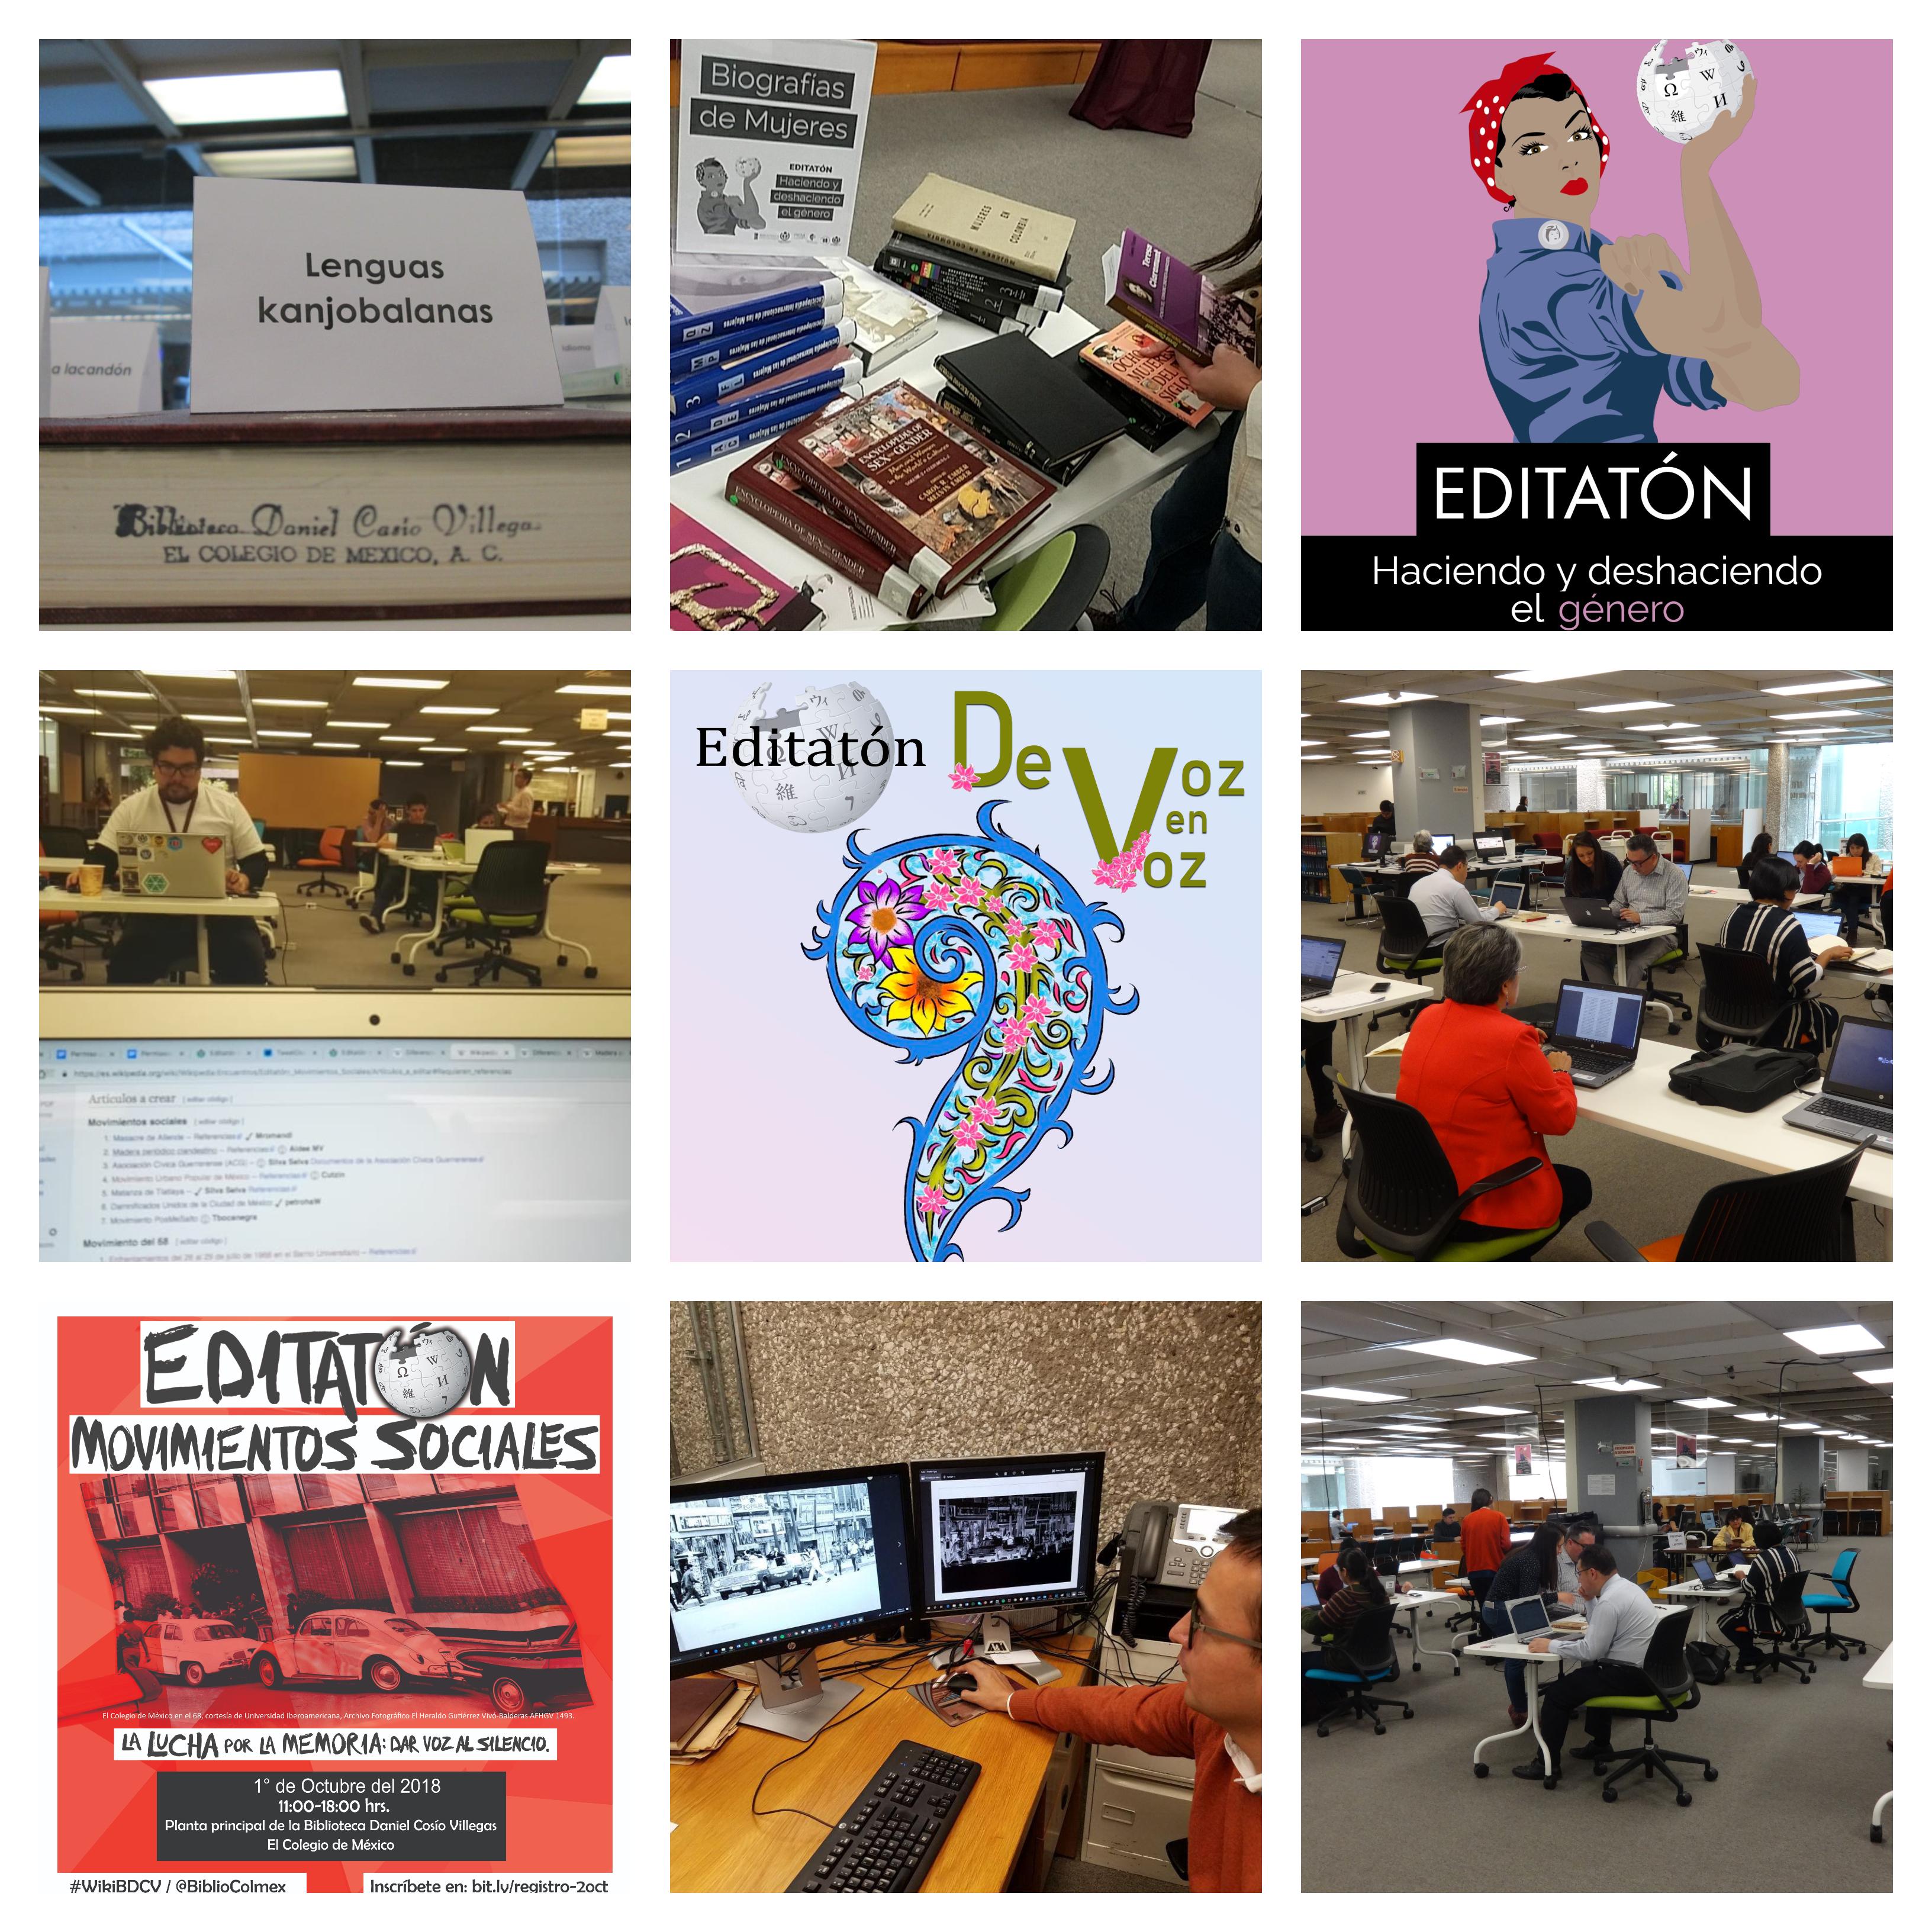 Collage_de_Fotos_de_eventos_Wiki_en_la_Biblioteca_Daniel_Cos%C3%ADo_Villegas.jpg